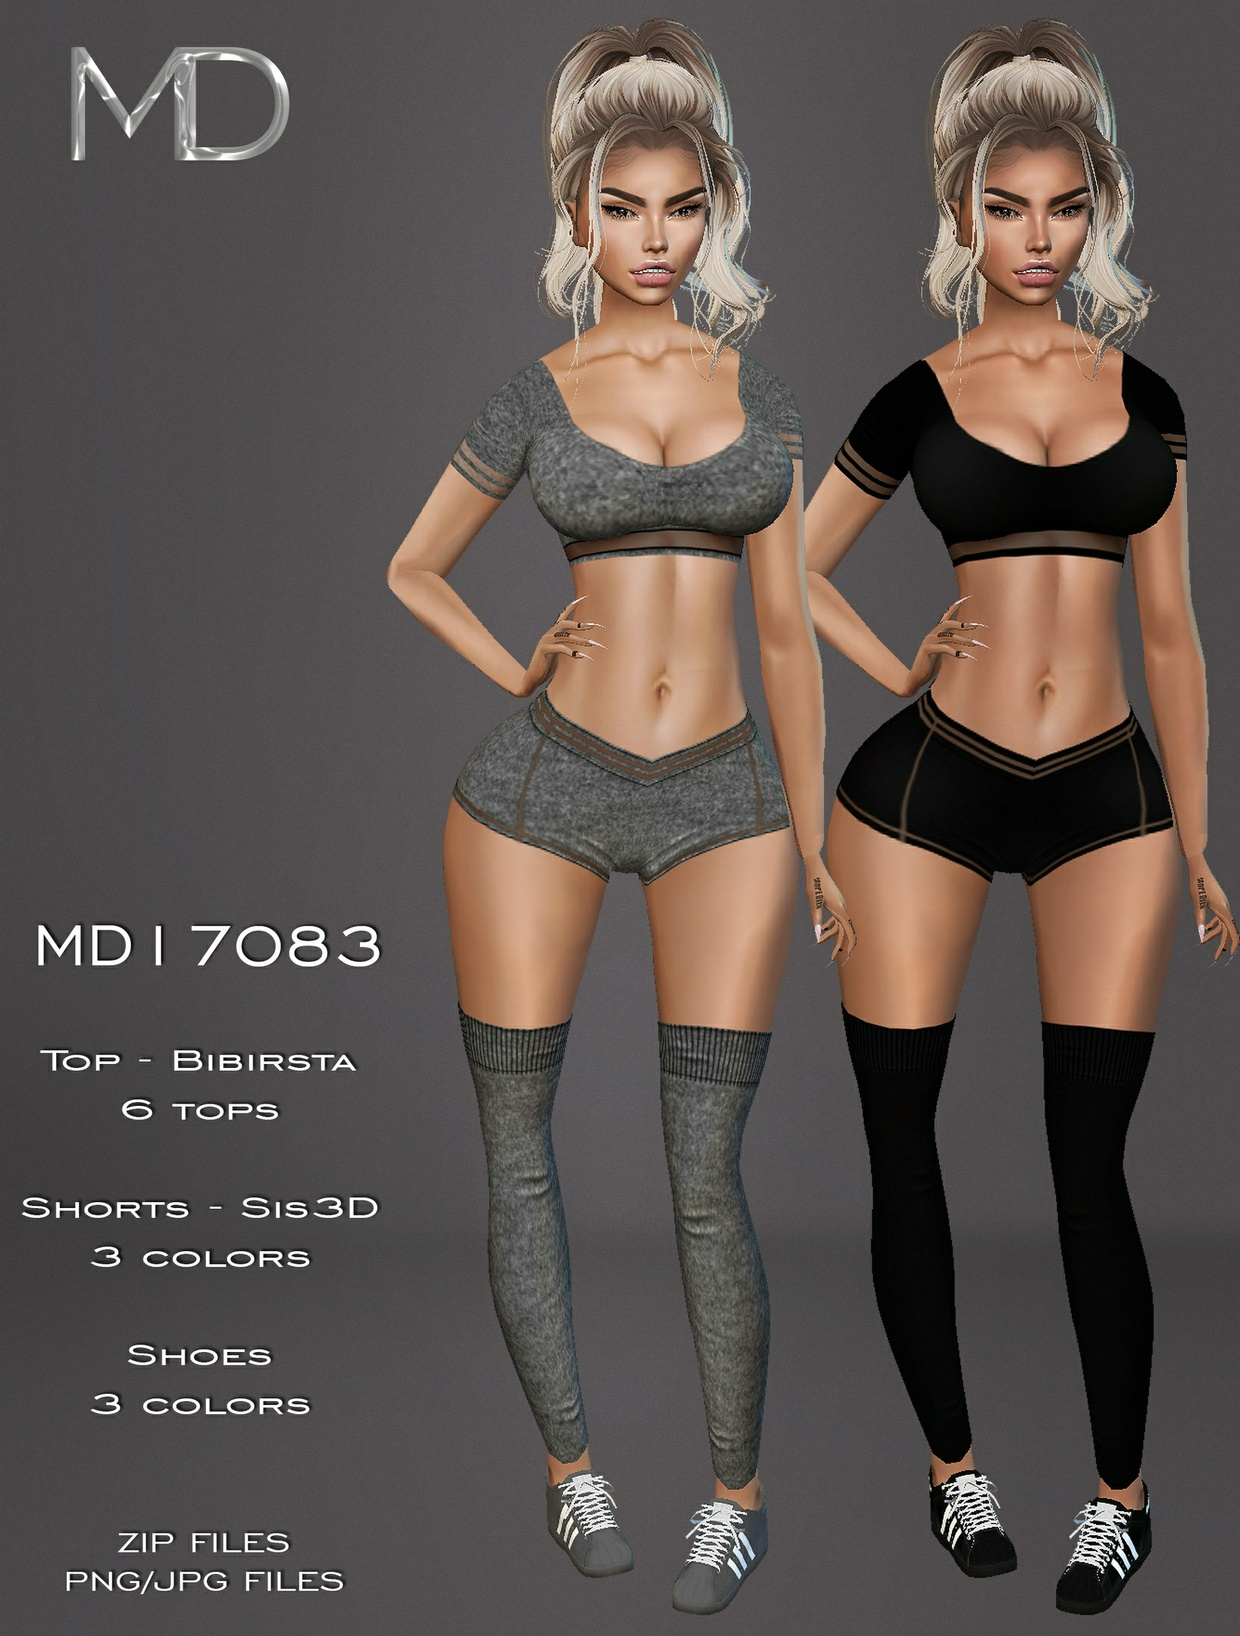 MD17083 - Sis3D